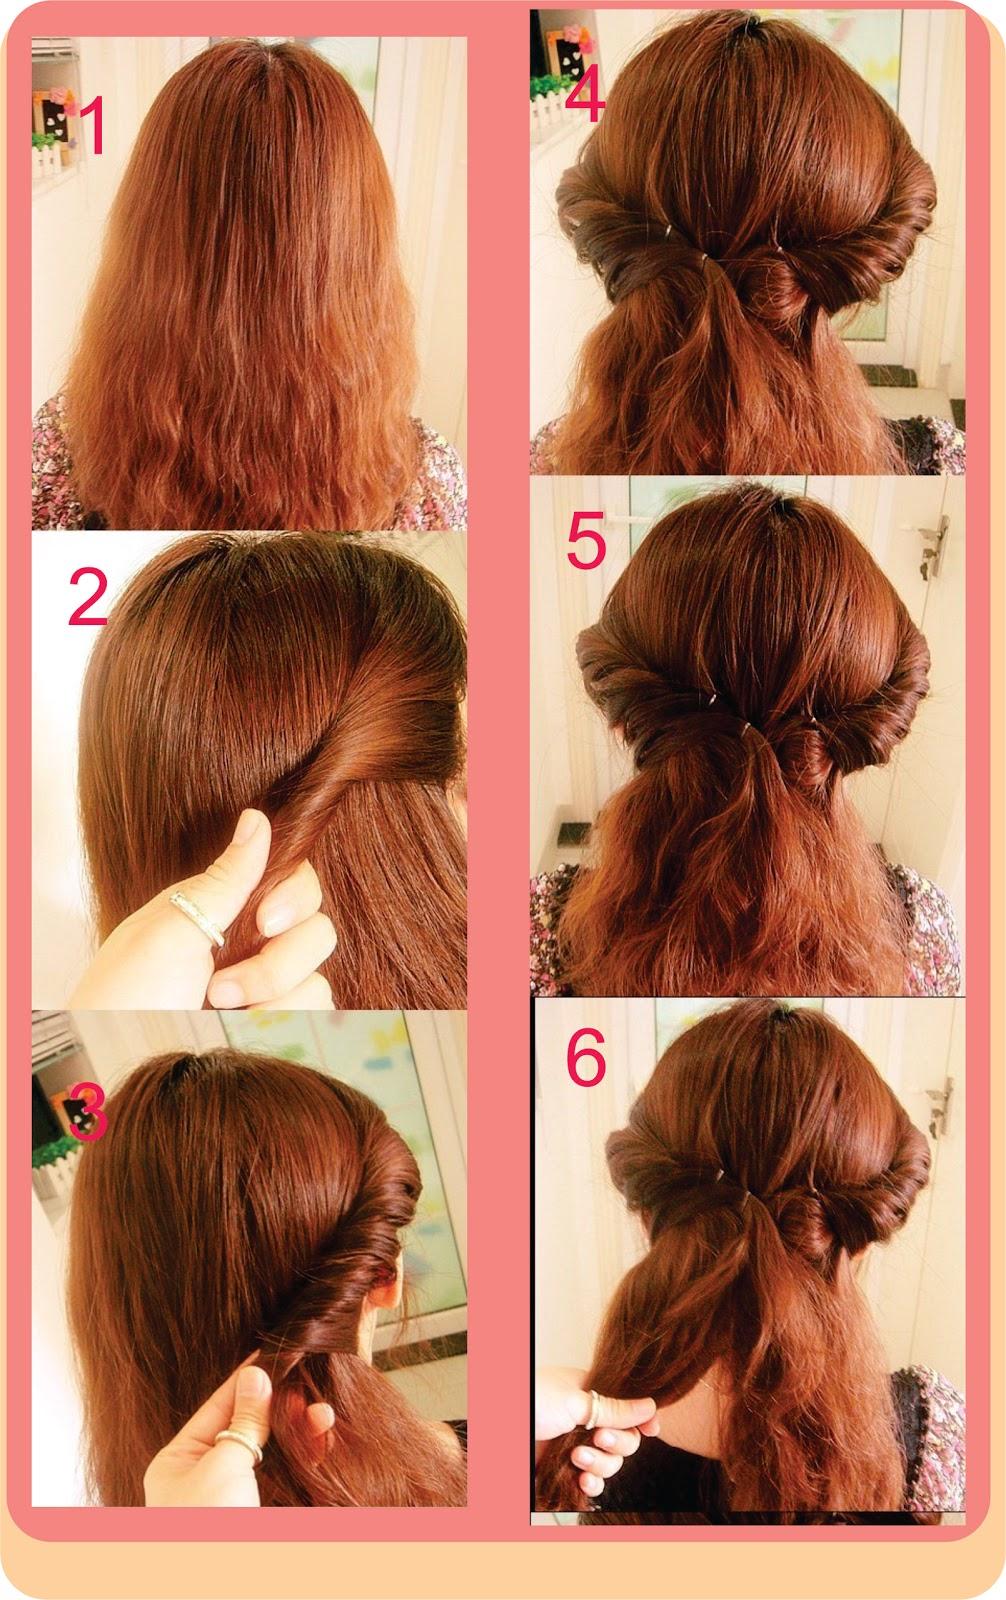 Fotos Paso A Paso De Peinados - Los peinados de moda fáciles paso a paso Enfemenino